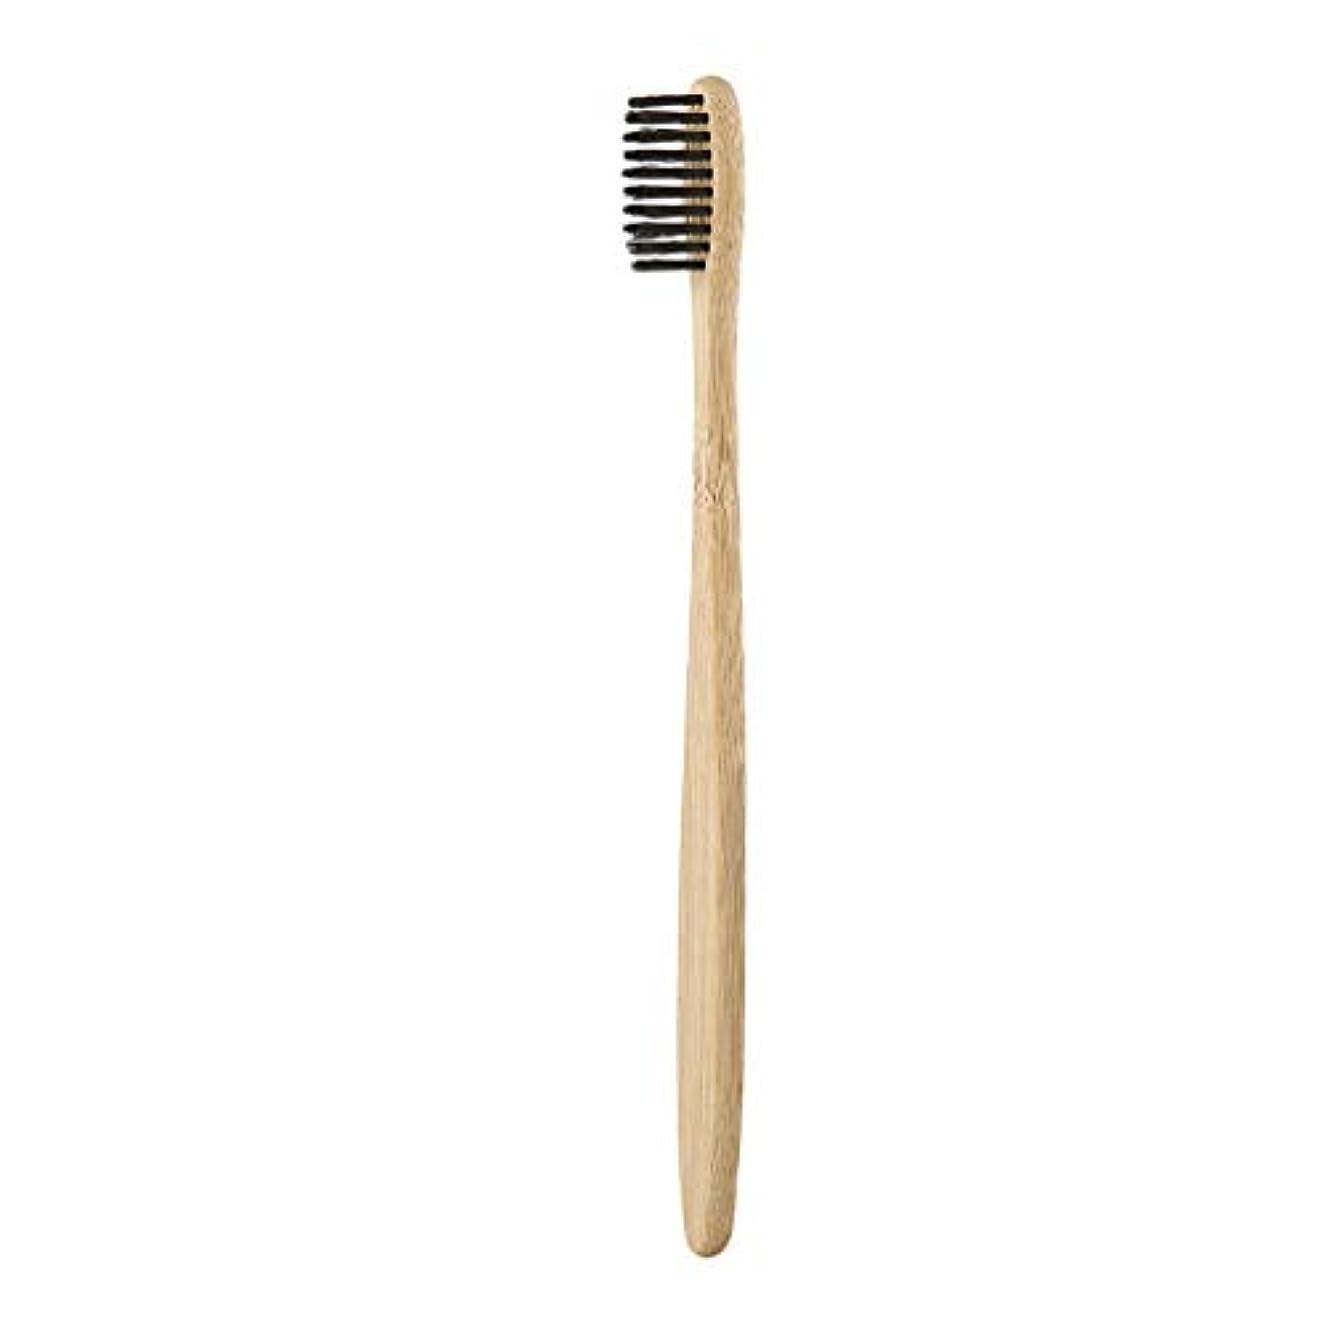 感度交じる火山学者手作りの快適な環境に優しい環境歯ブラシ竹ハンドル歯ブラシ炭毛健康オーラルケア-ウッドカラー